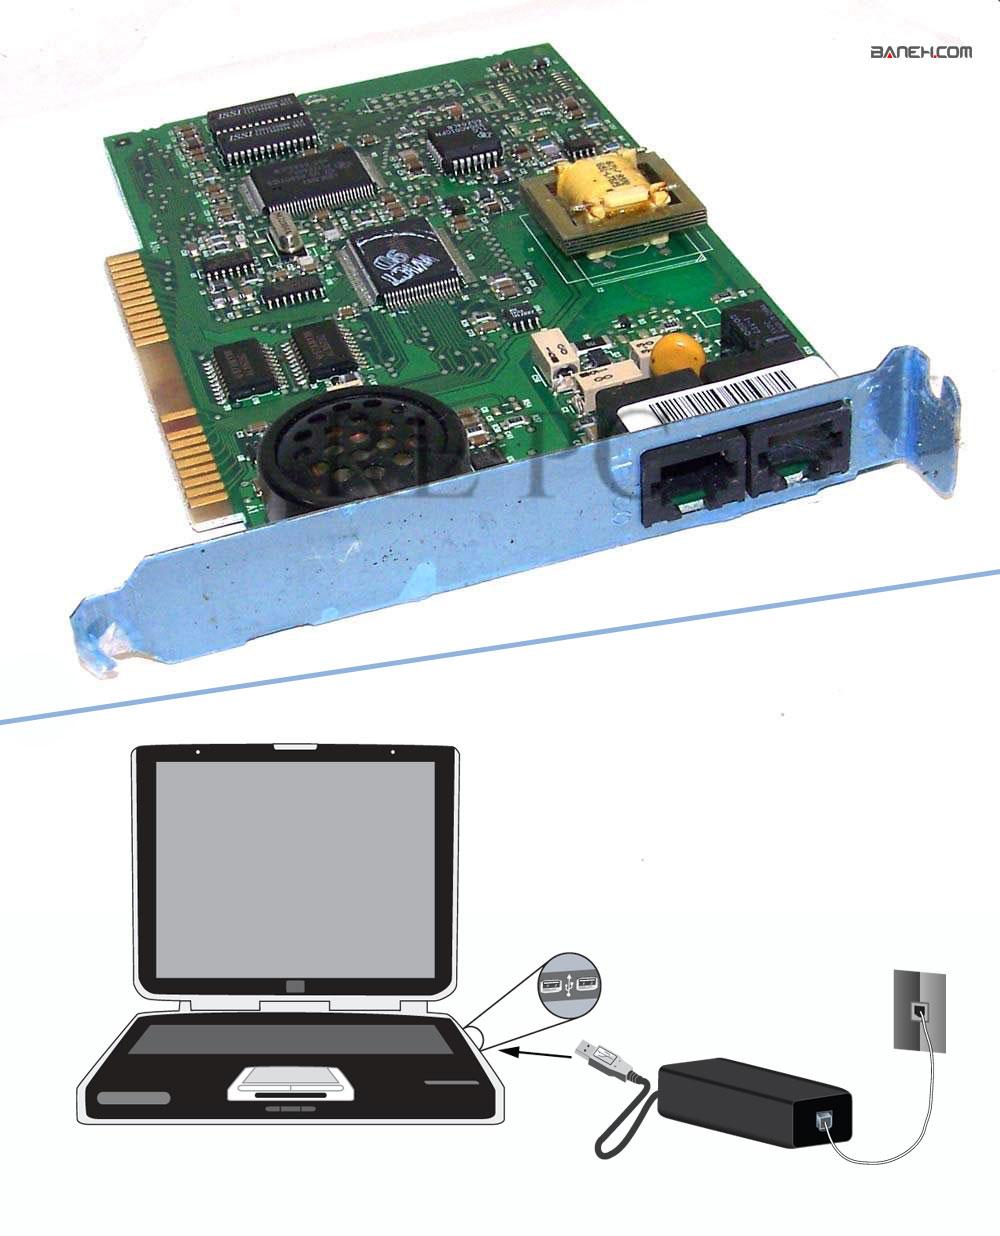 Dial-up modem